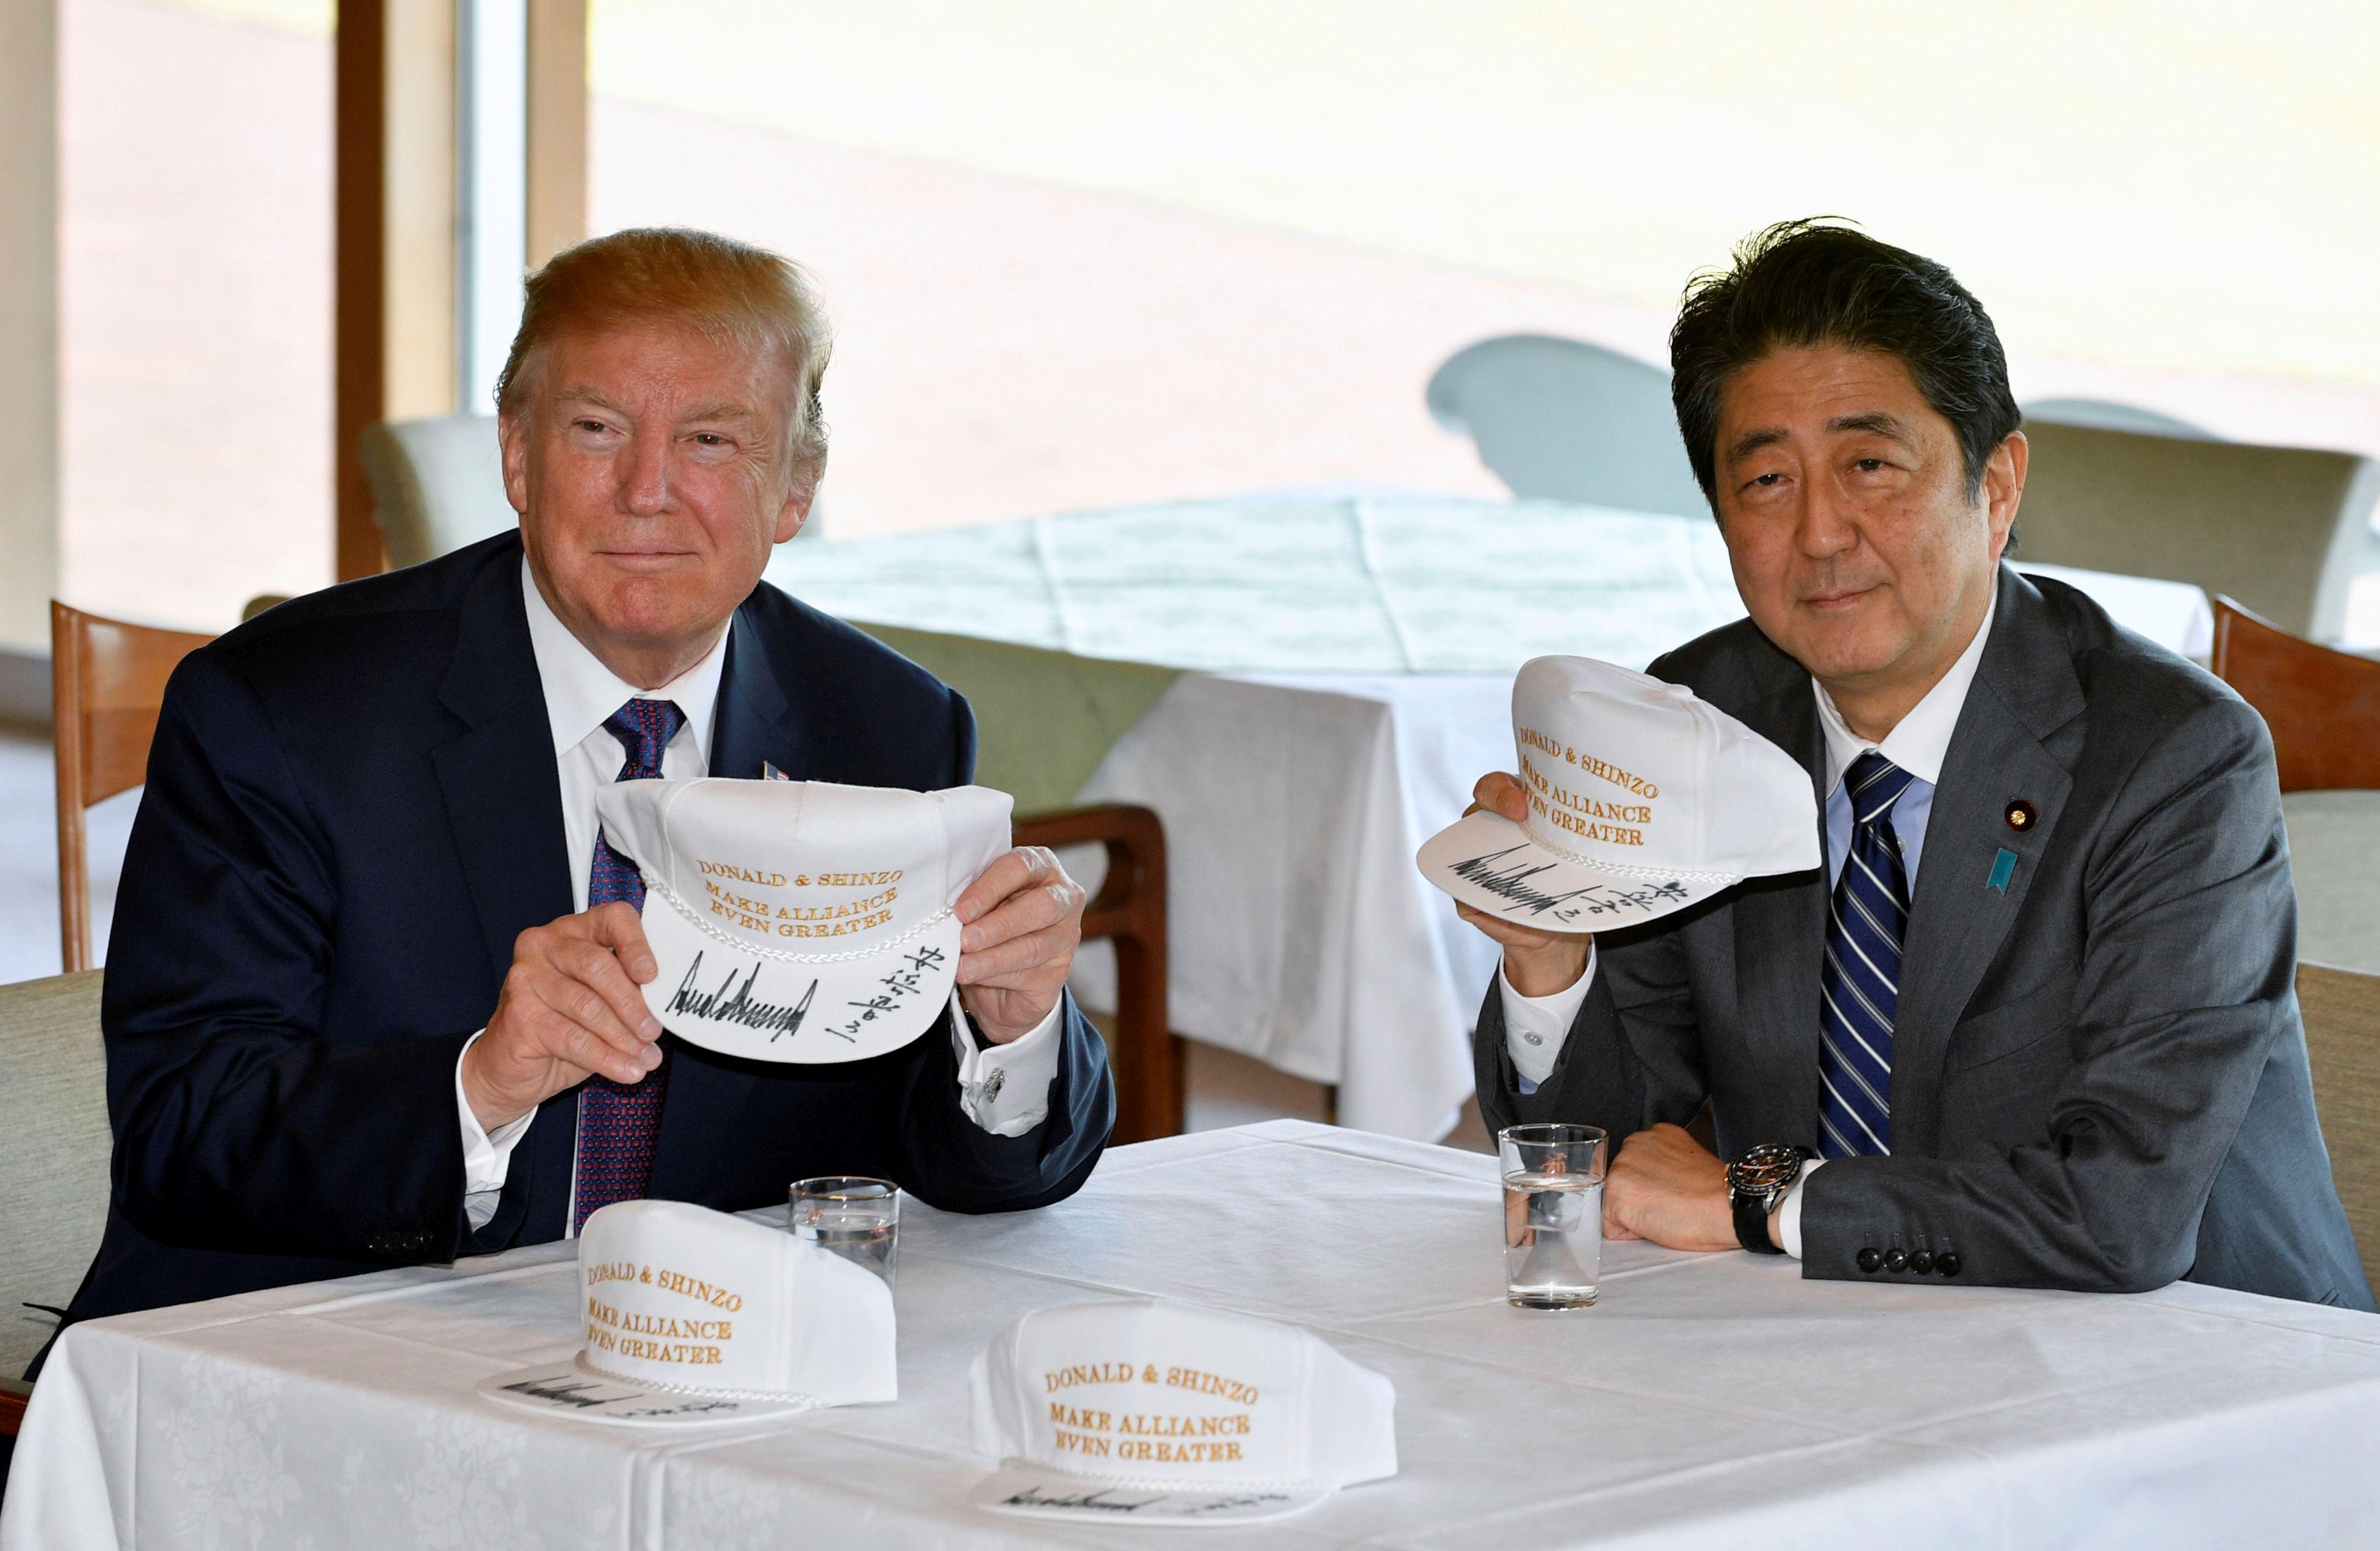 Donald Trump îşi doreşte să îmbunătăţească relaţiile economice dintre SUA şi Japonia